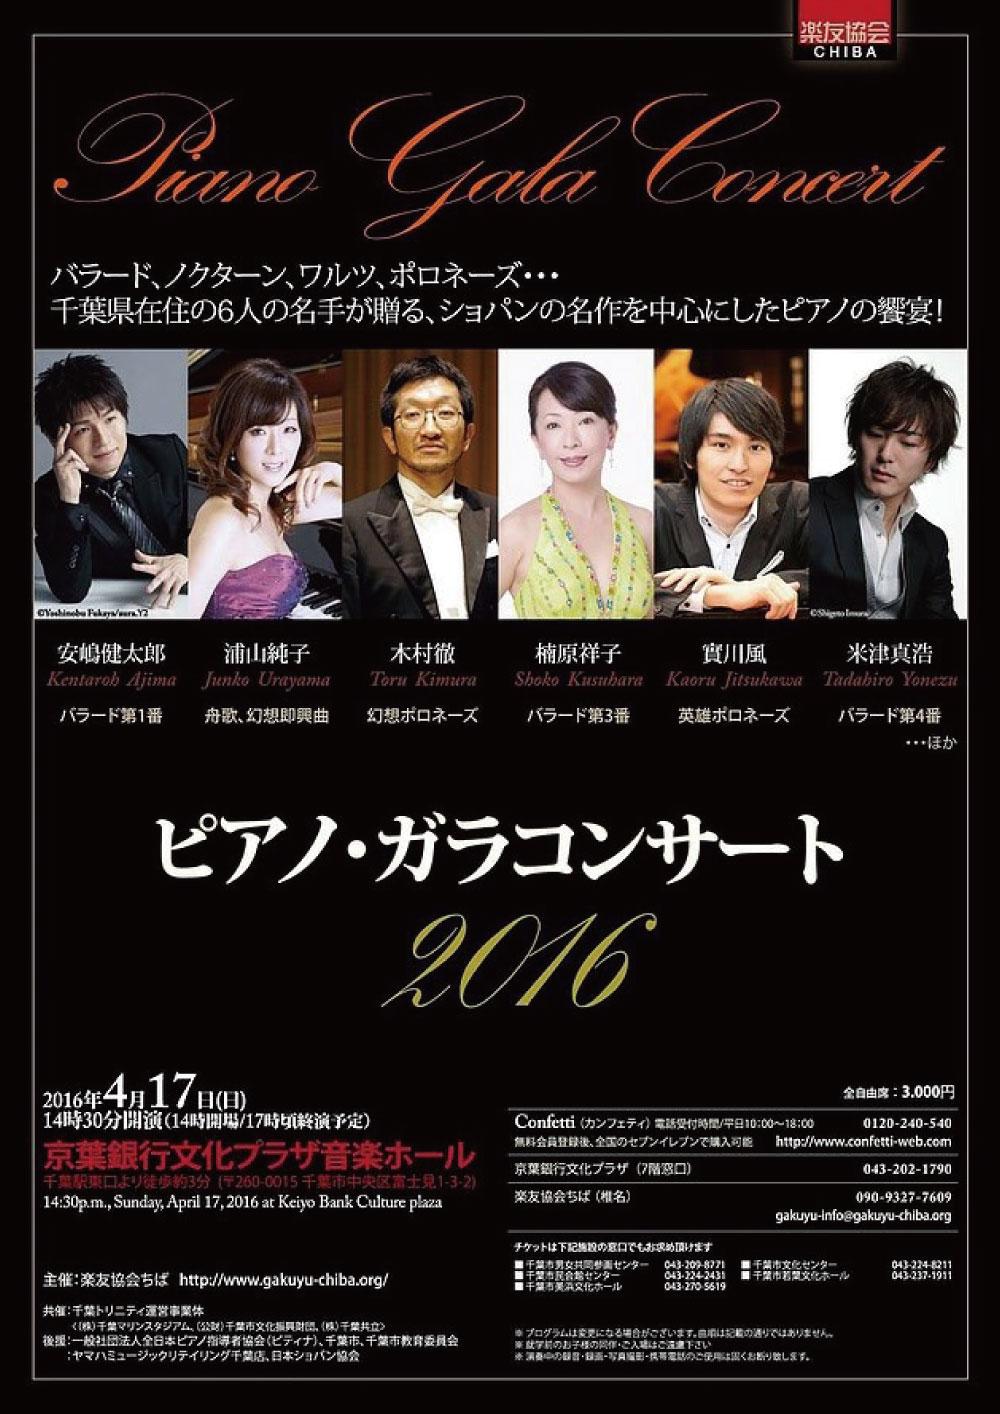 2016年4月17日(日)  ピアノガラコンサート2016